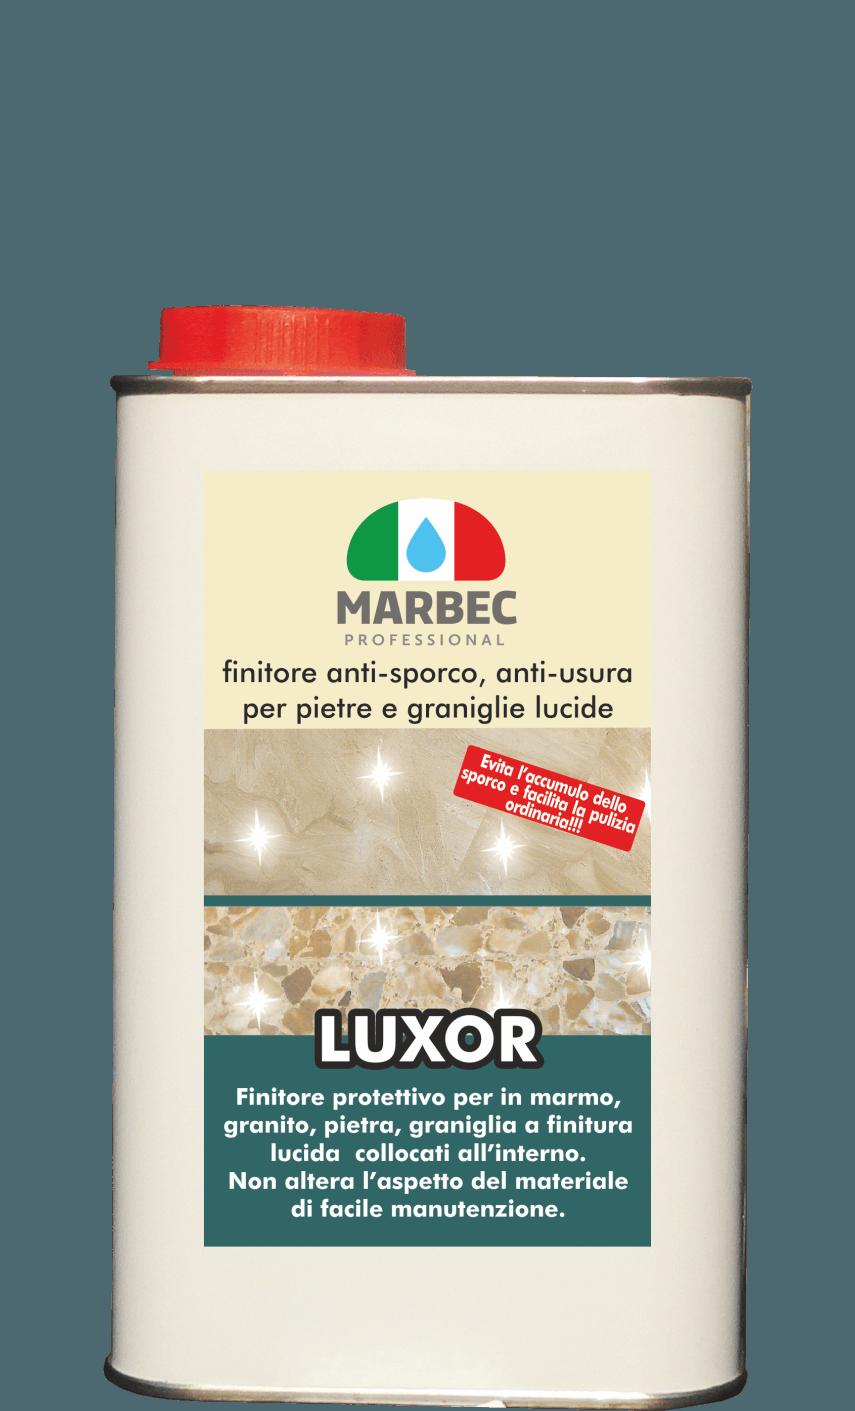 MARBEC | LUXOR 1LT FIinitore anti-sporco, anti-usura per pietre e graniglie lucide